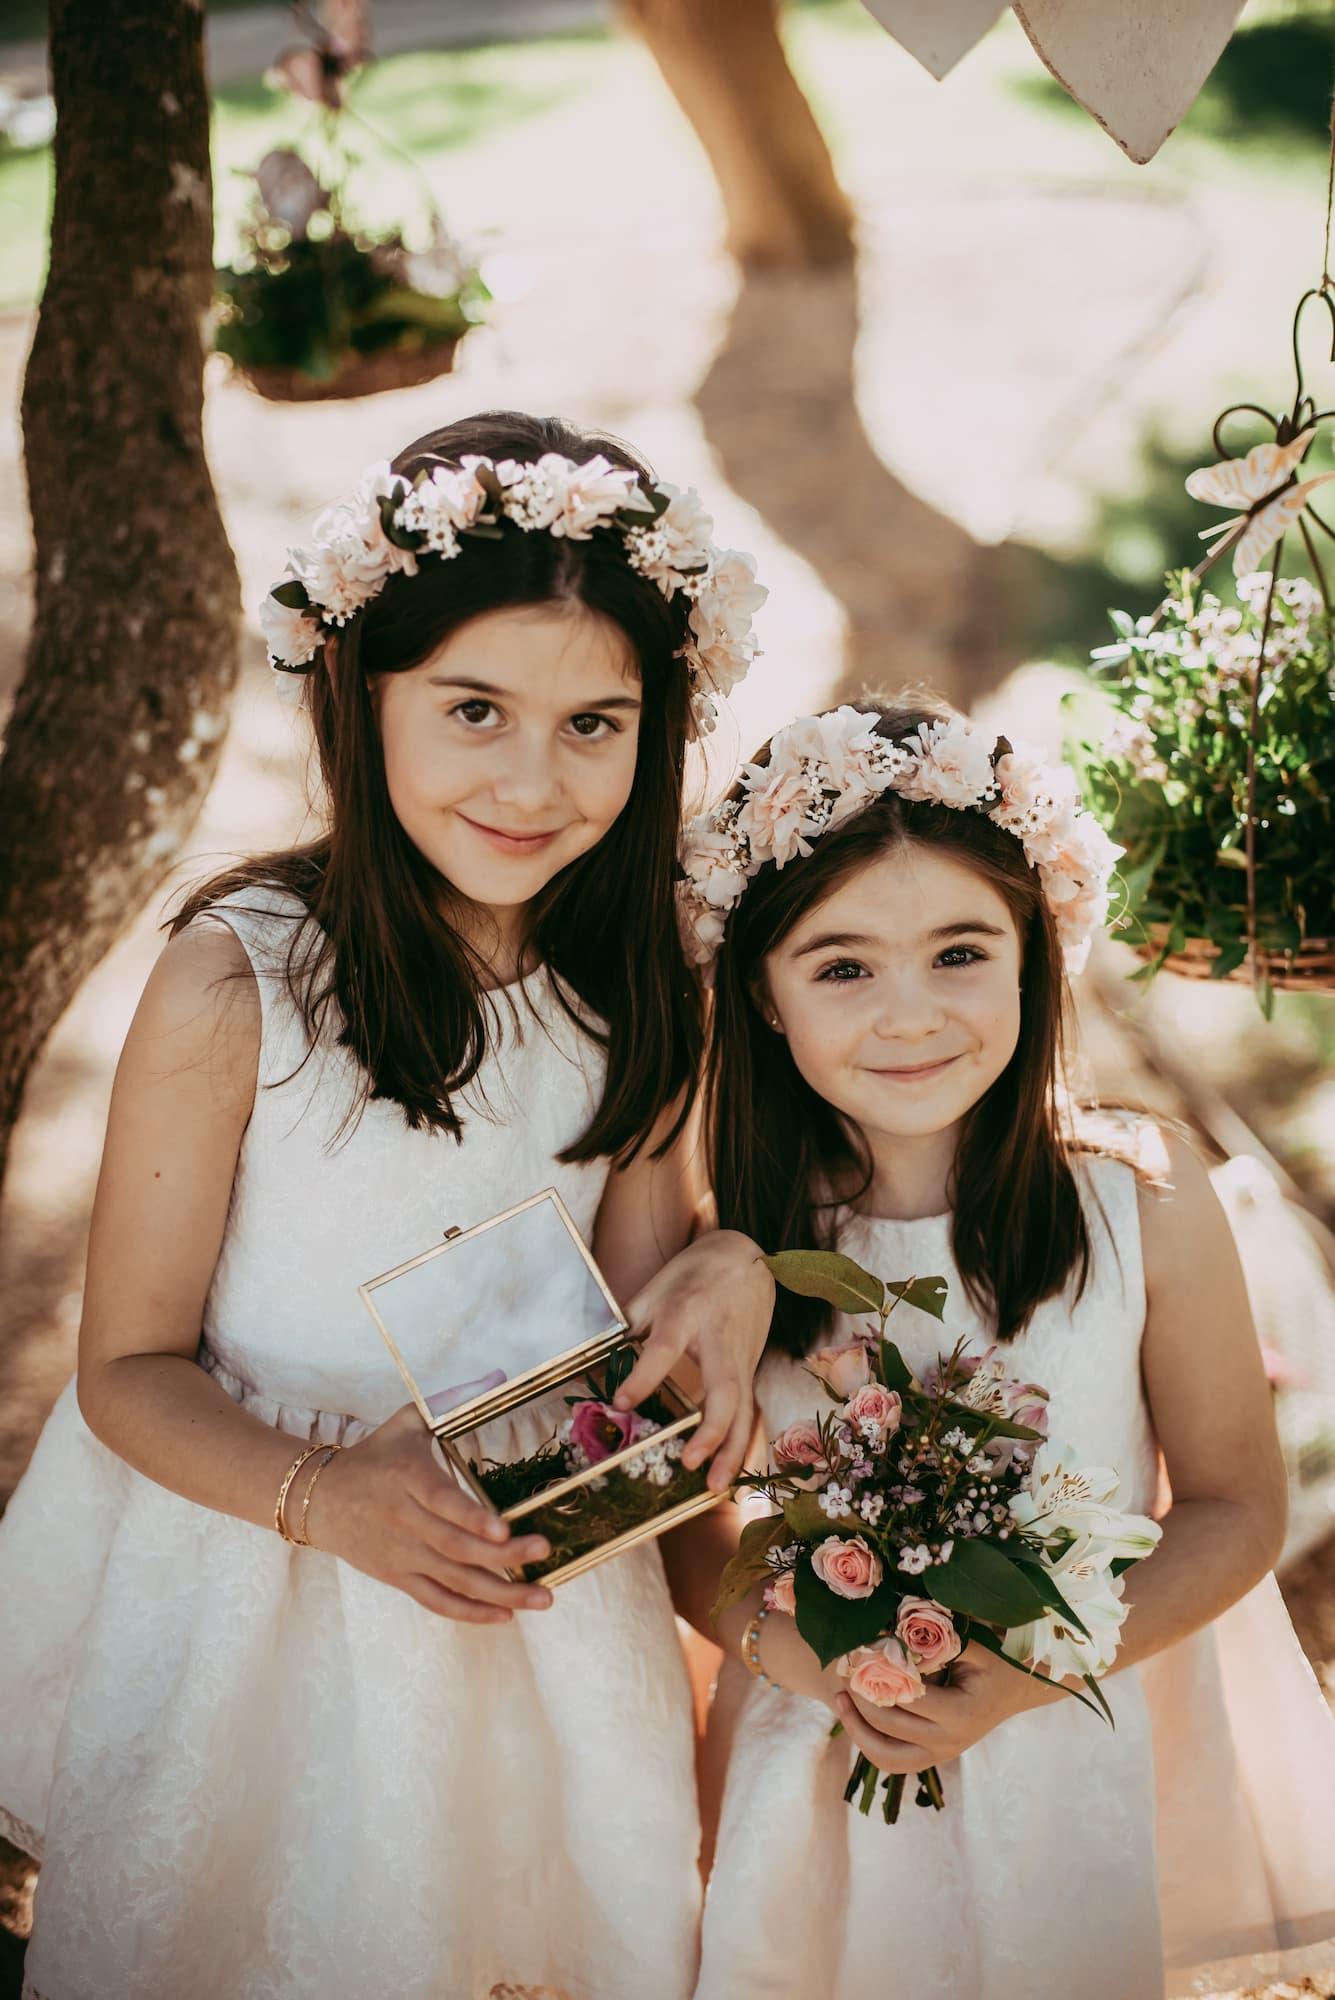 Coronas y complementos con flores para eventos. coronas infantiles y de novia. exquisitae